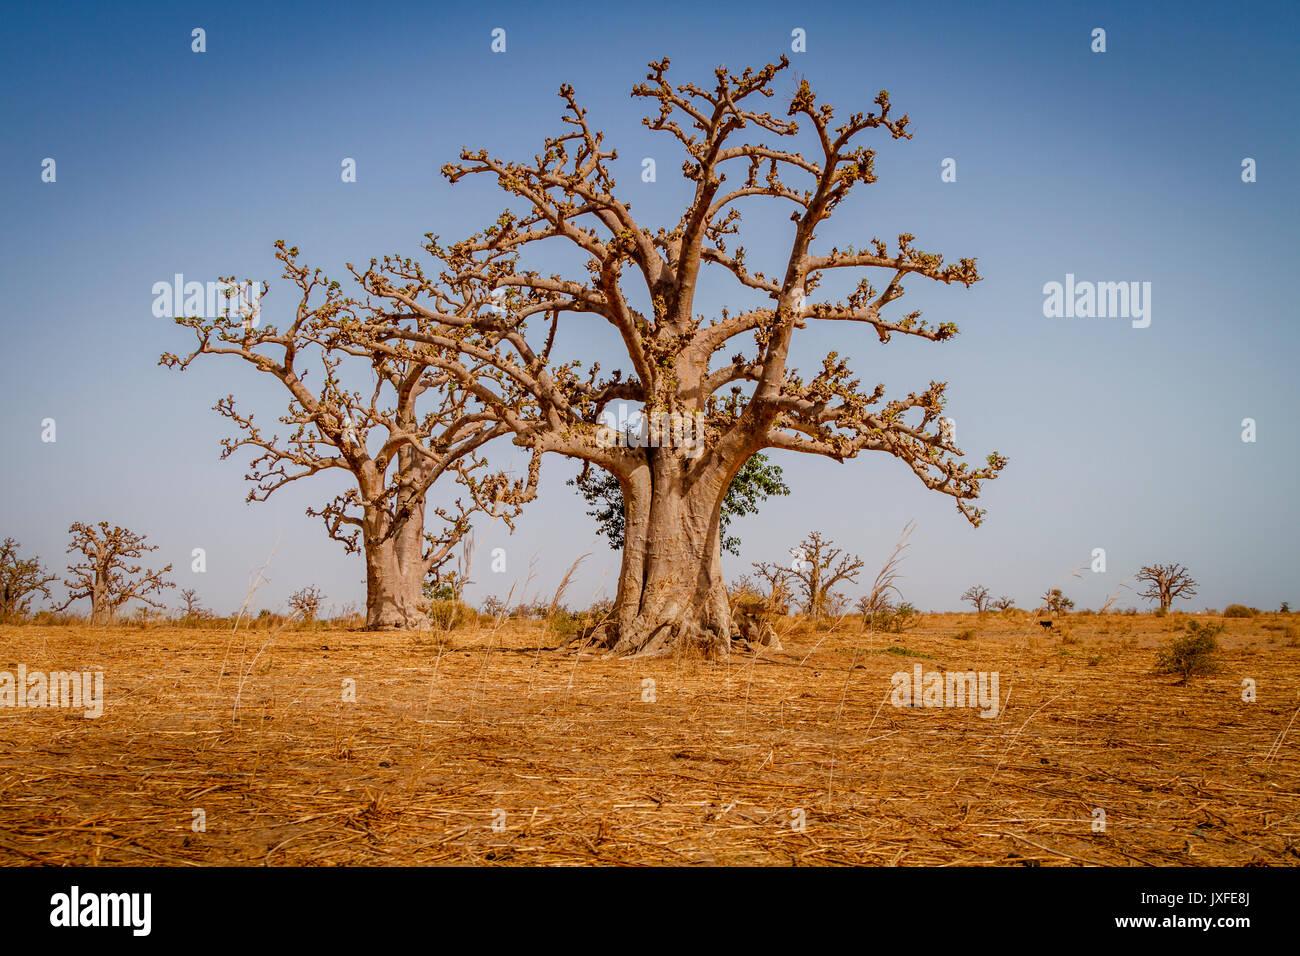 Enormi alberi di baobab in secca savana arida del sud ovest del Senegal. Immagini Stock